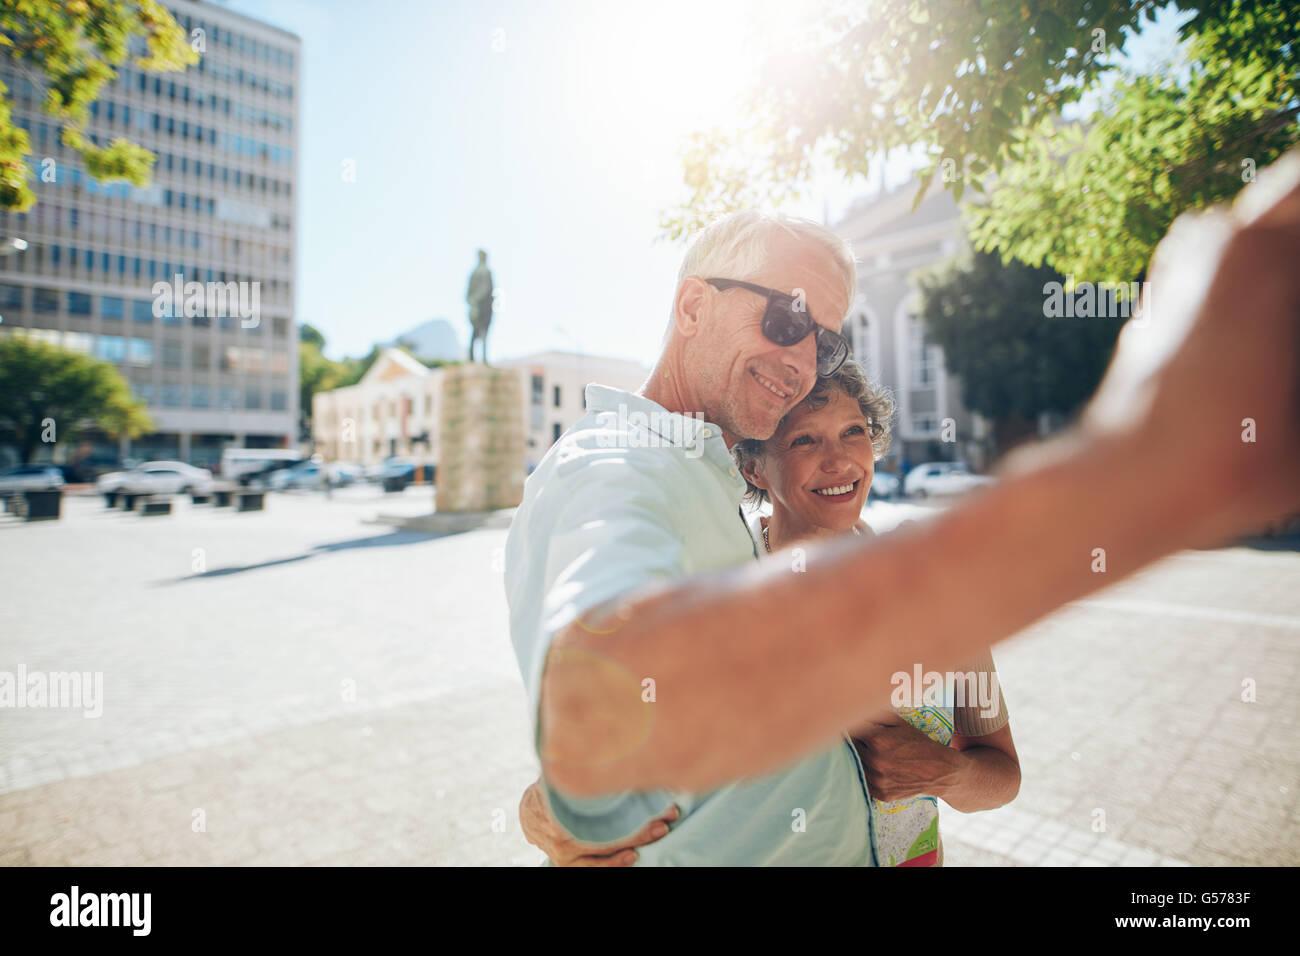 Felice e commosso coppia senior abbracciando e prendendo un selfie all'esterno. Turistica prendendo autoritratti Immagini Stock